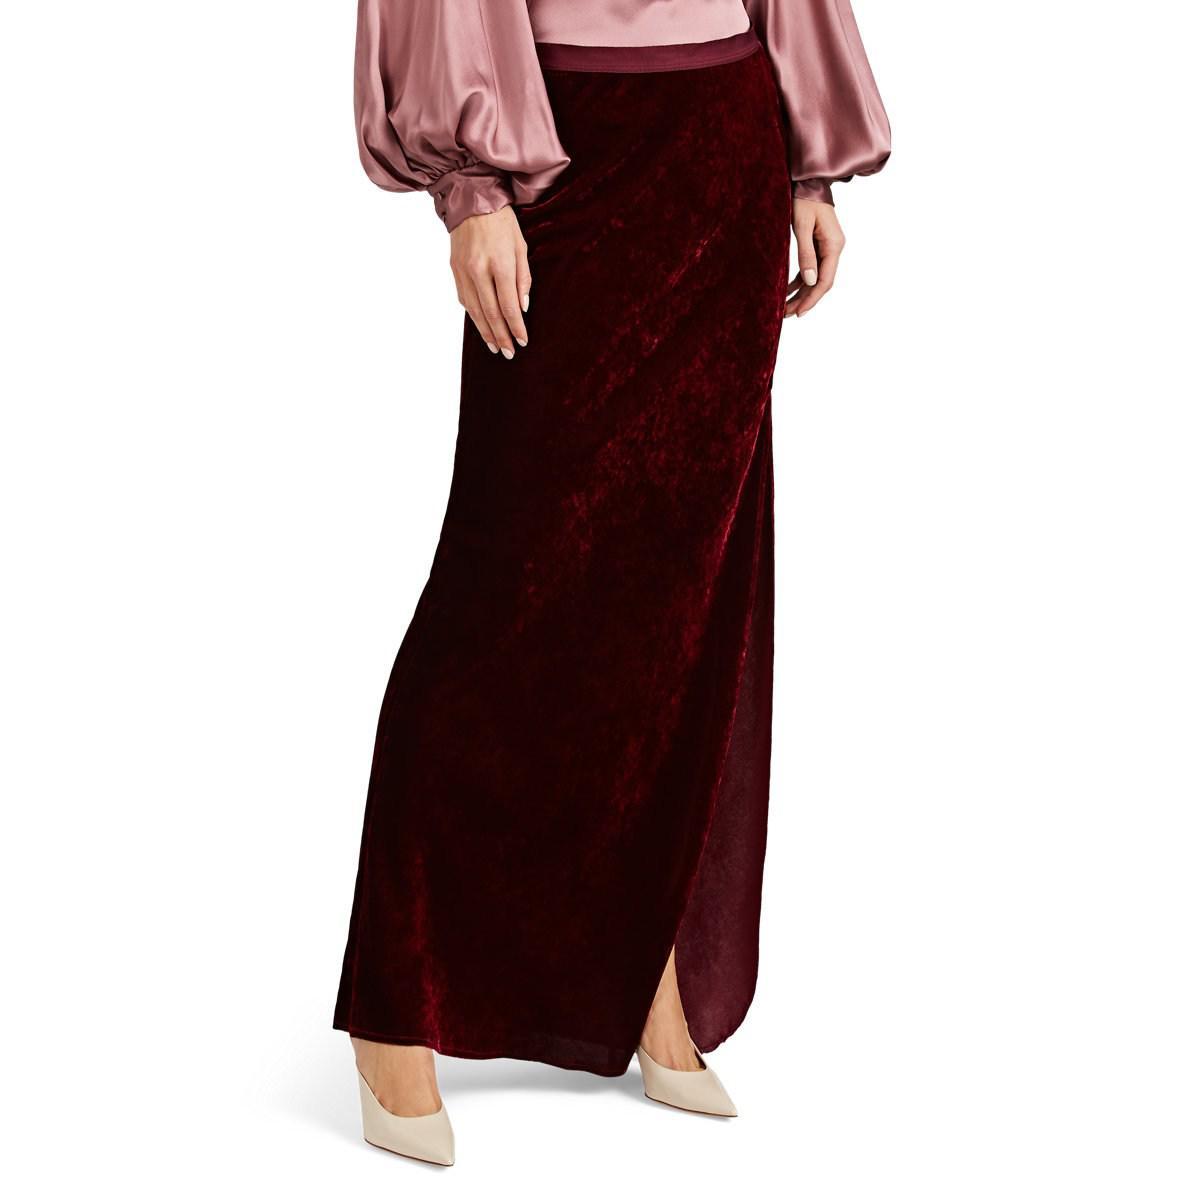 e4d432325 Nili Lotan Aya Velvet Maxi Skirt in Red - Save 23% - Lyst